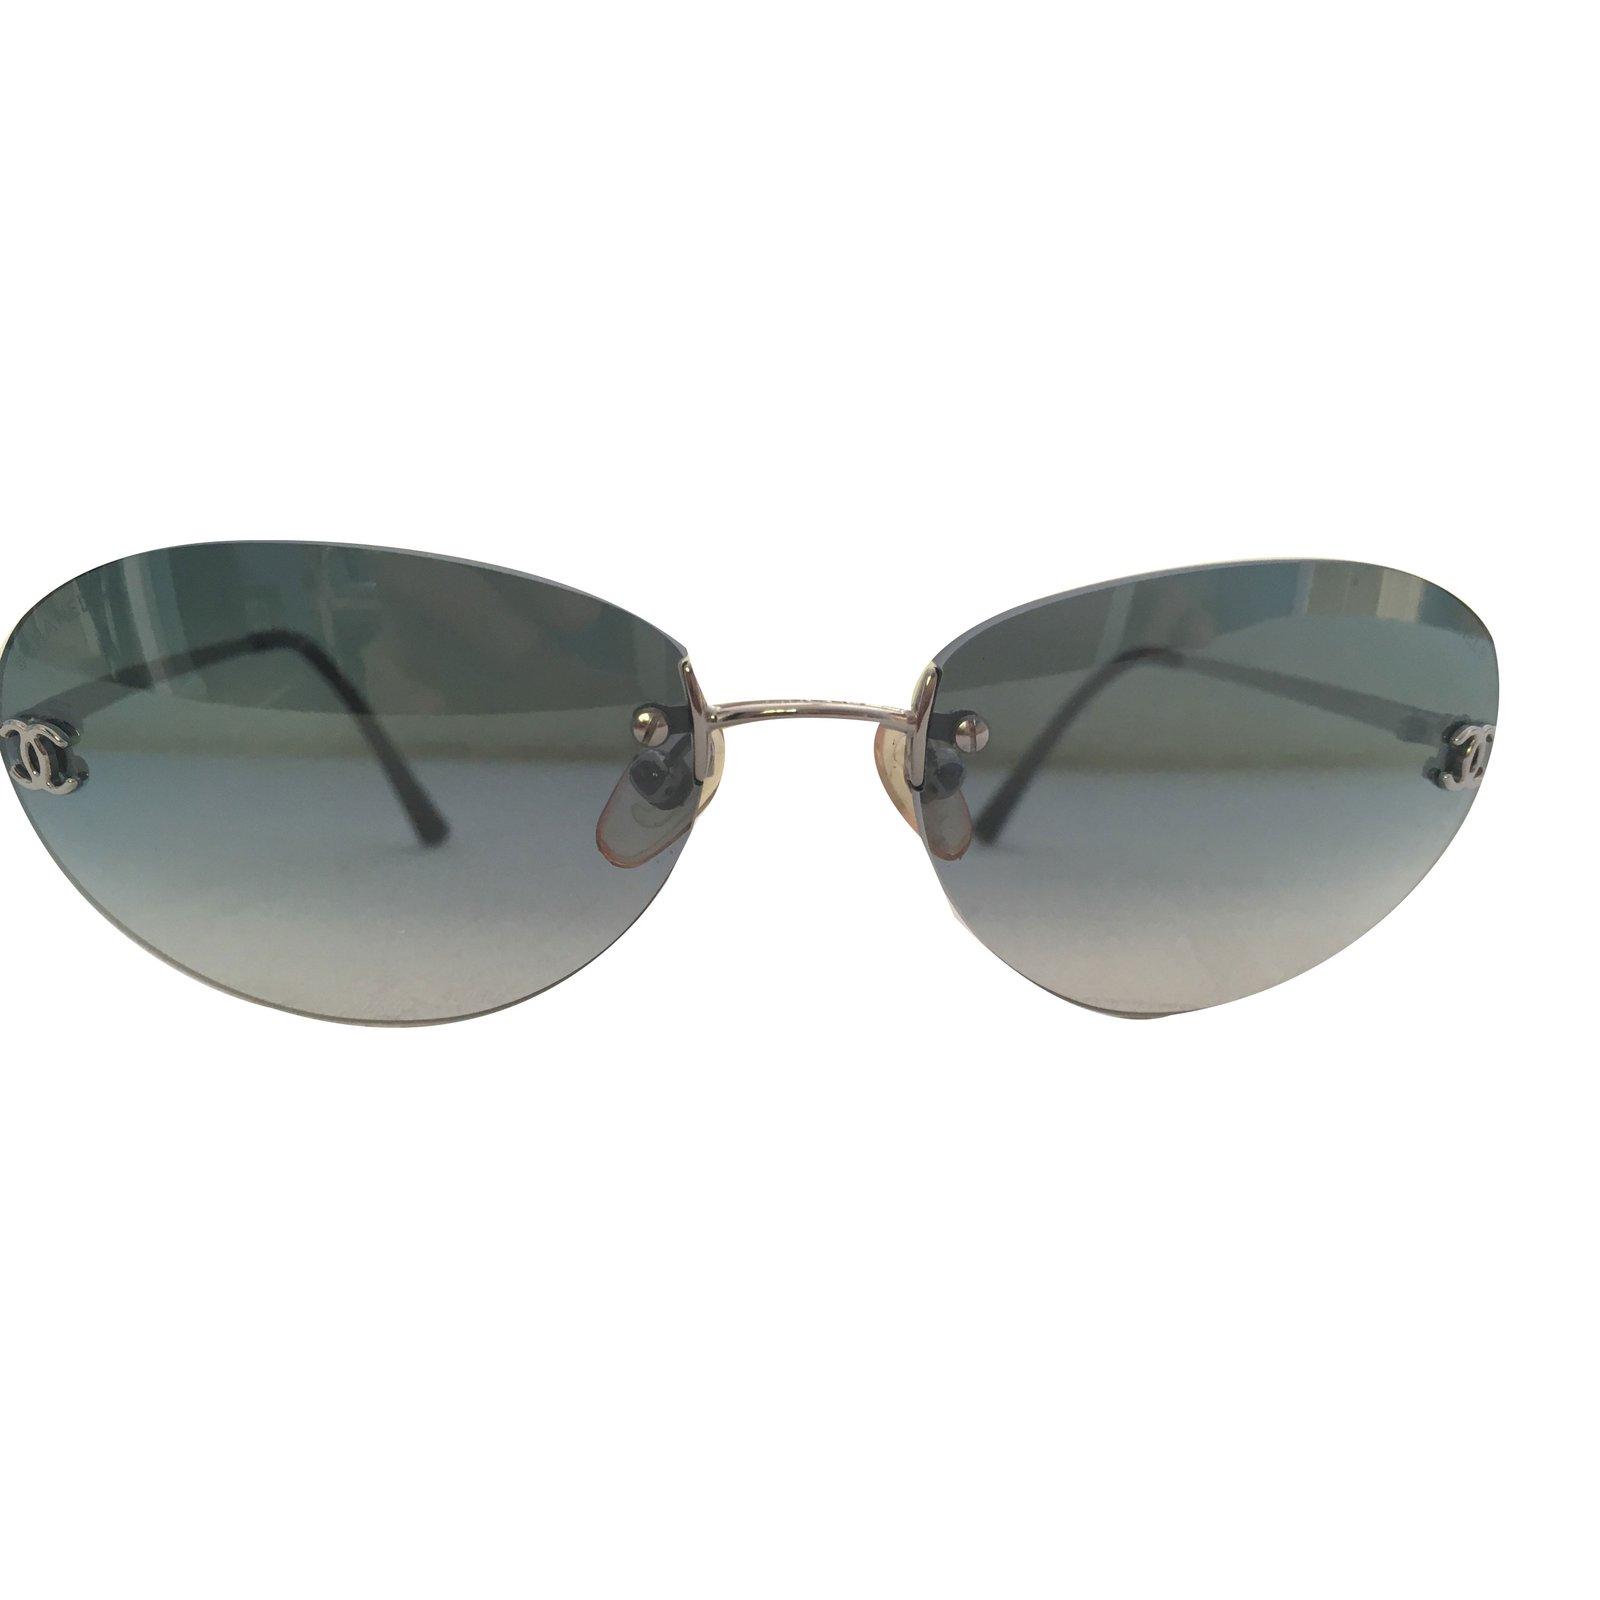 e542e8abf2a5 Chanel Sunglasses Women Source · Chanel Sunglasses Sunglasses Metal Blue  ref 67086 Joli Closet